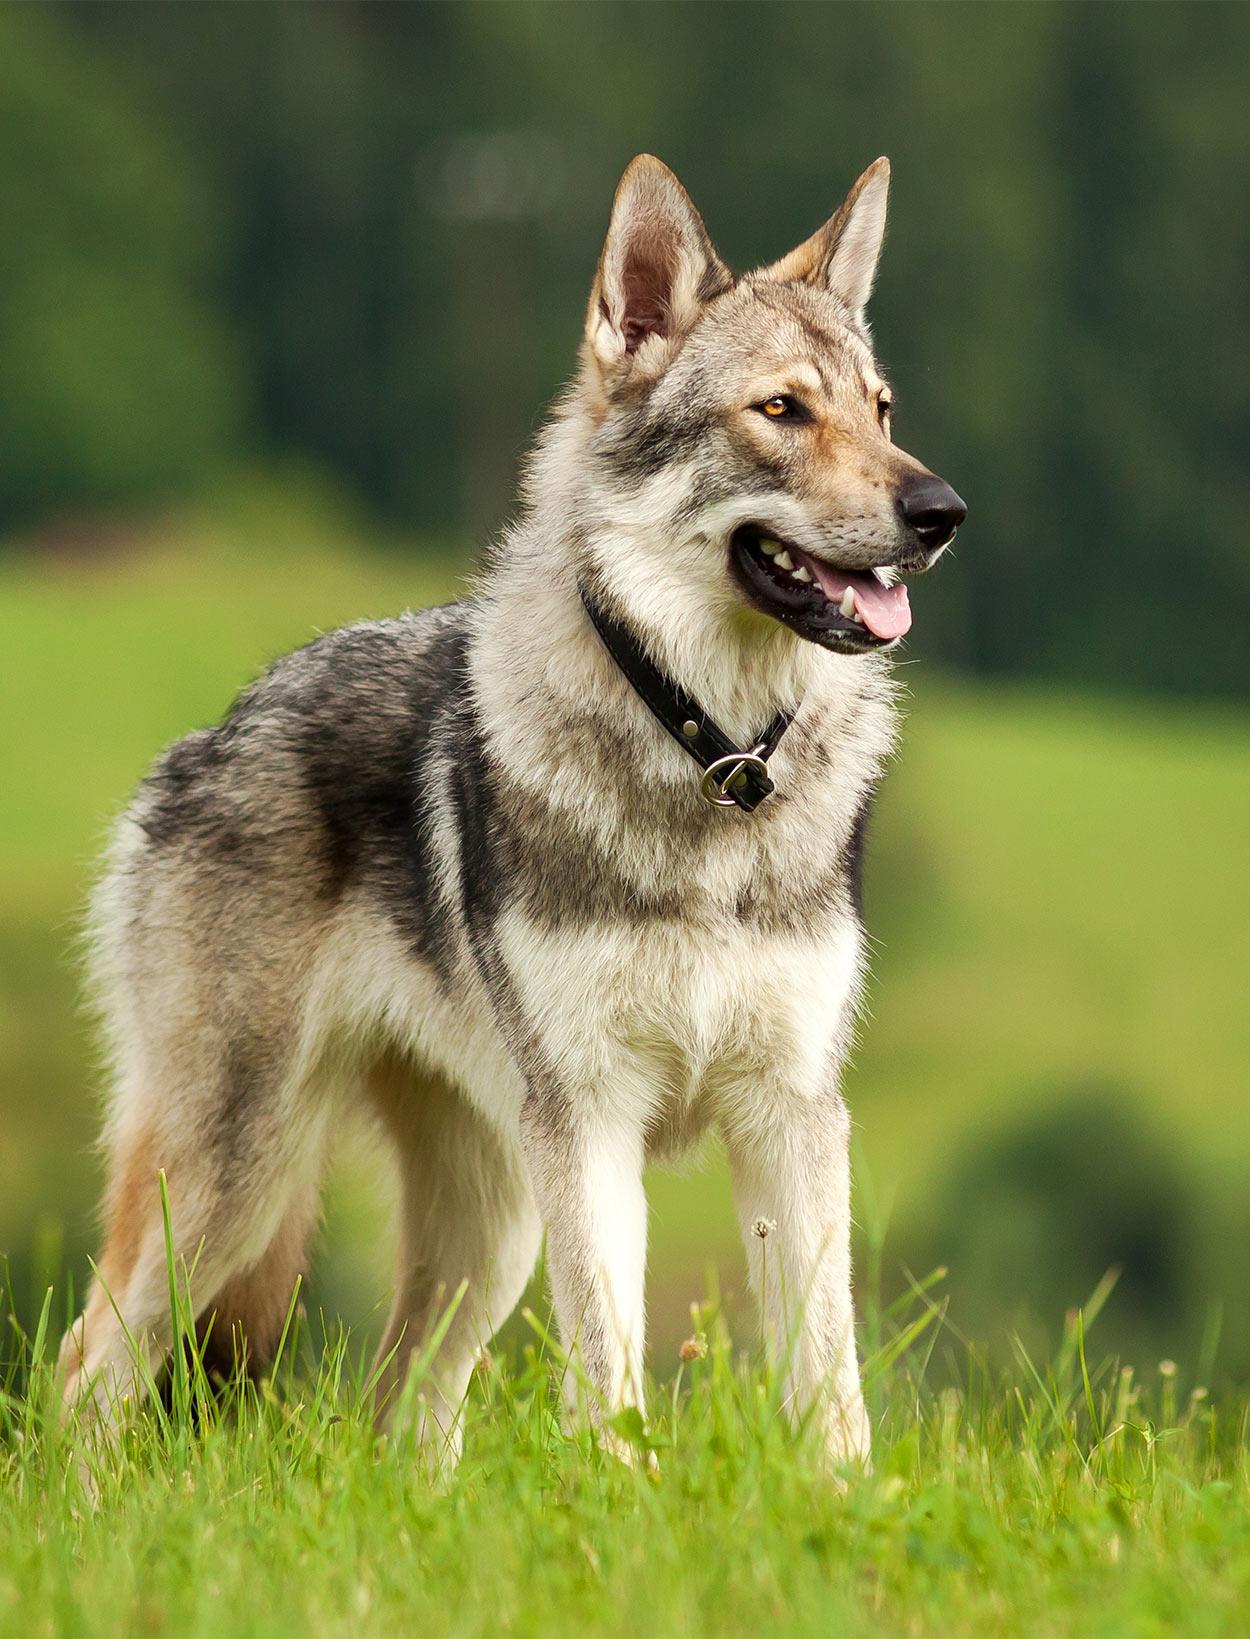 создает мерц-рисунки картинки с овчарками и волками этом разделе собраны